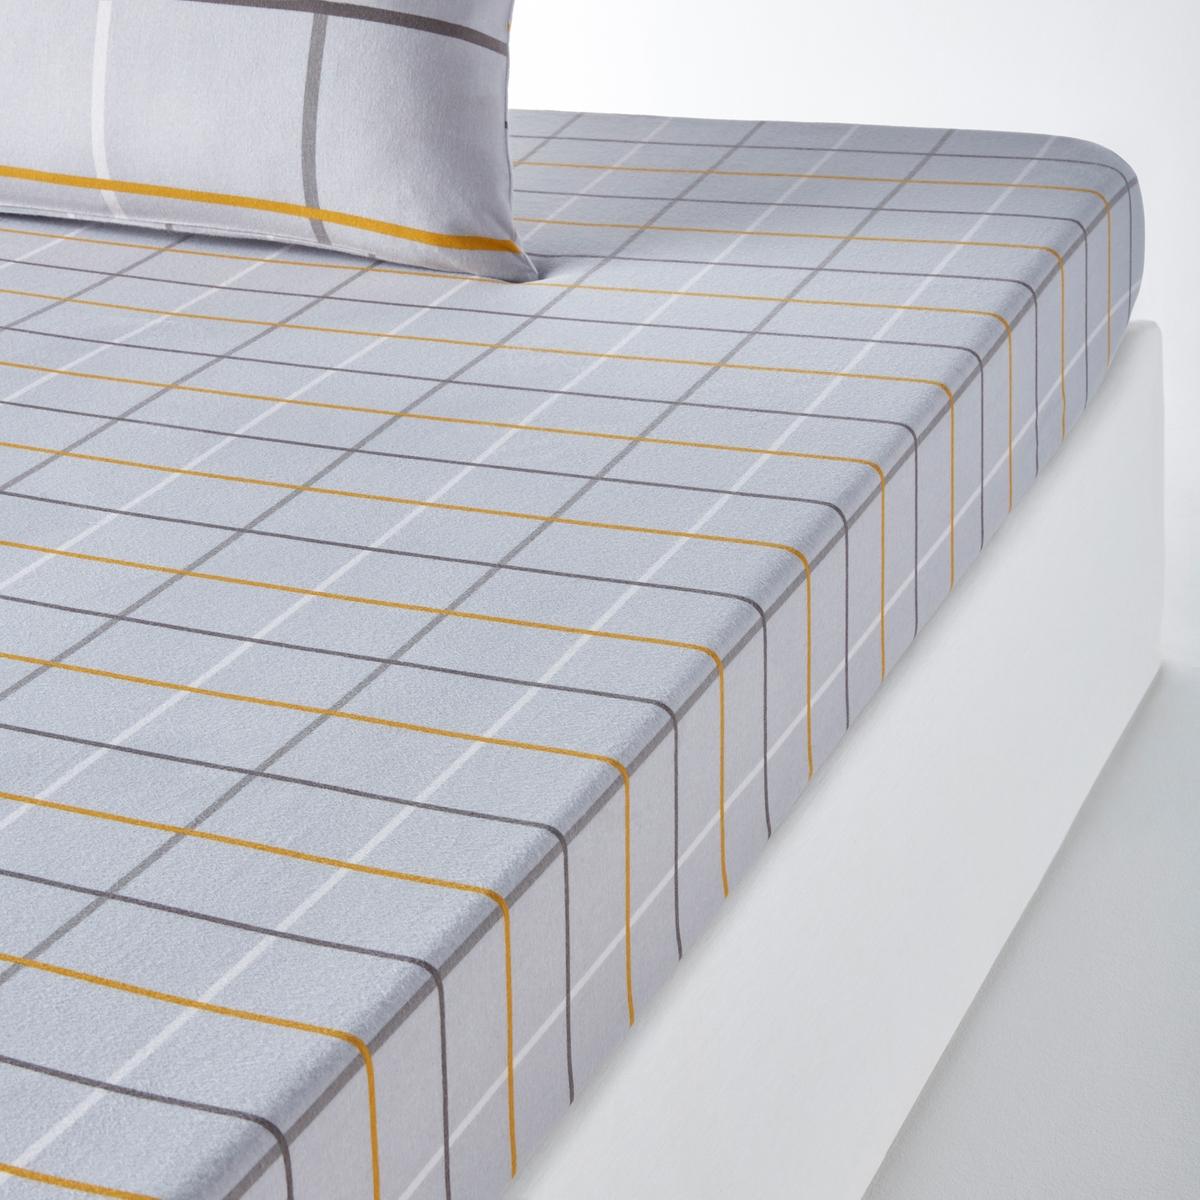 Простыня натяжная из фланели с принтом ALPIПростыня натяжная с принтом Alpi . Рисунок в мелкую клетку  . Фланелевая ткань 100% хлопок, мягкая и теплая . Фланелевая ткань идеально подойдет для зимы .Характеристики натяжной простыни Alpi:Фланелевая ткань 100% хлопок (180 г/см?) : чем больше нитей/см?, тем выше качество материала.Машинная стирка при 60 °C.Легкость ухода.Клапан 25 см. Размеры :90 x 190 см : 1-сп.140 x 190 см : 2-сп..160 x 200 см : 2-сп..180 x 200 см : 2-сп.. Найдите комплект постельного белья Alpi на сайте laredoute  .ru Для размера на 180 на 140 см: длина 180 см, ширина 140 см. Для размера 240 на 140 см: длина 240 см, ширина 140 см. Для размера 350 на 140 см: длина 350 см, ширина 140 см.      Знак Oeko-Tex® гарантирует, что товары прошли проверку и были изготовлены без применения вредных для здоровья человека веществ.<br><br>Цвет: Рисунок/серая клетка<br>Размер: 90 x 190  см